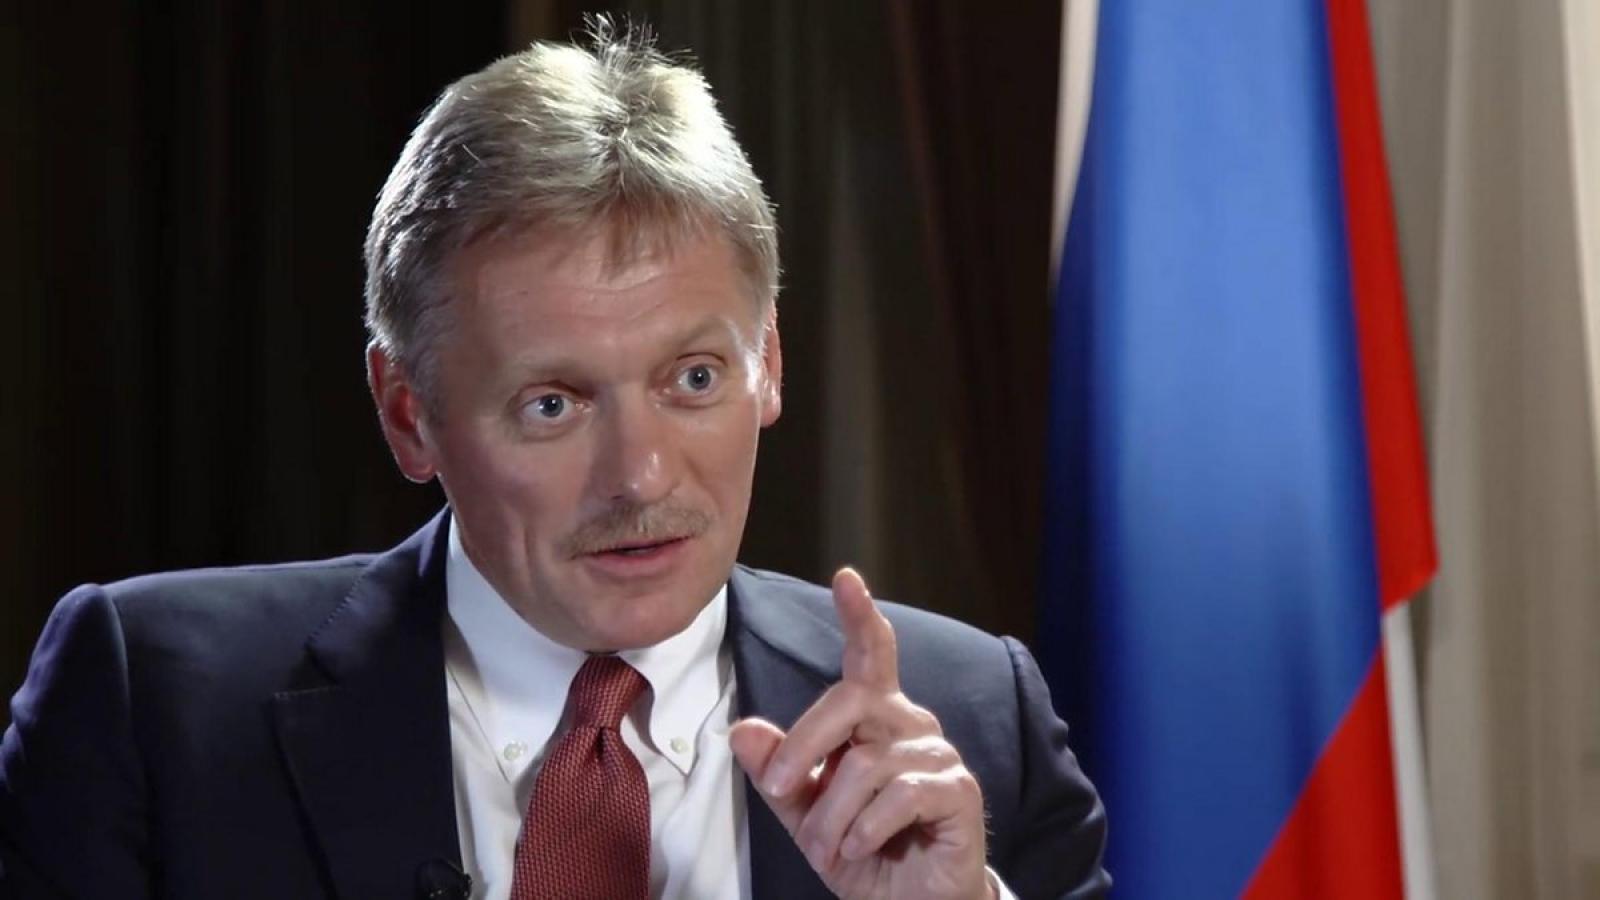 Nga tuyên bố nỗ lực ngăn cản các nước mua vaccine Sputnik V của Nga sẽ thất bại